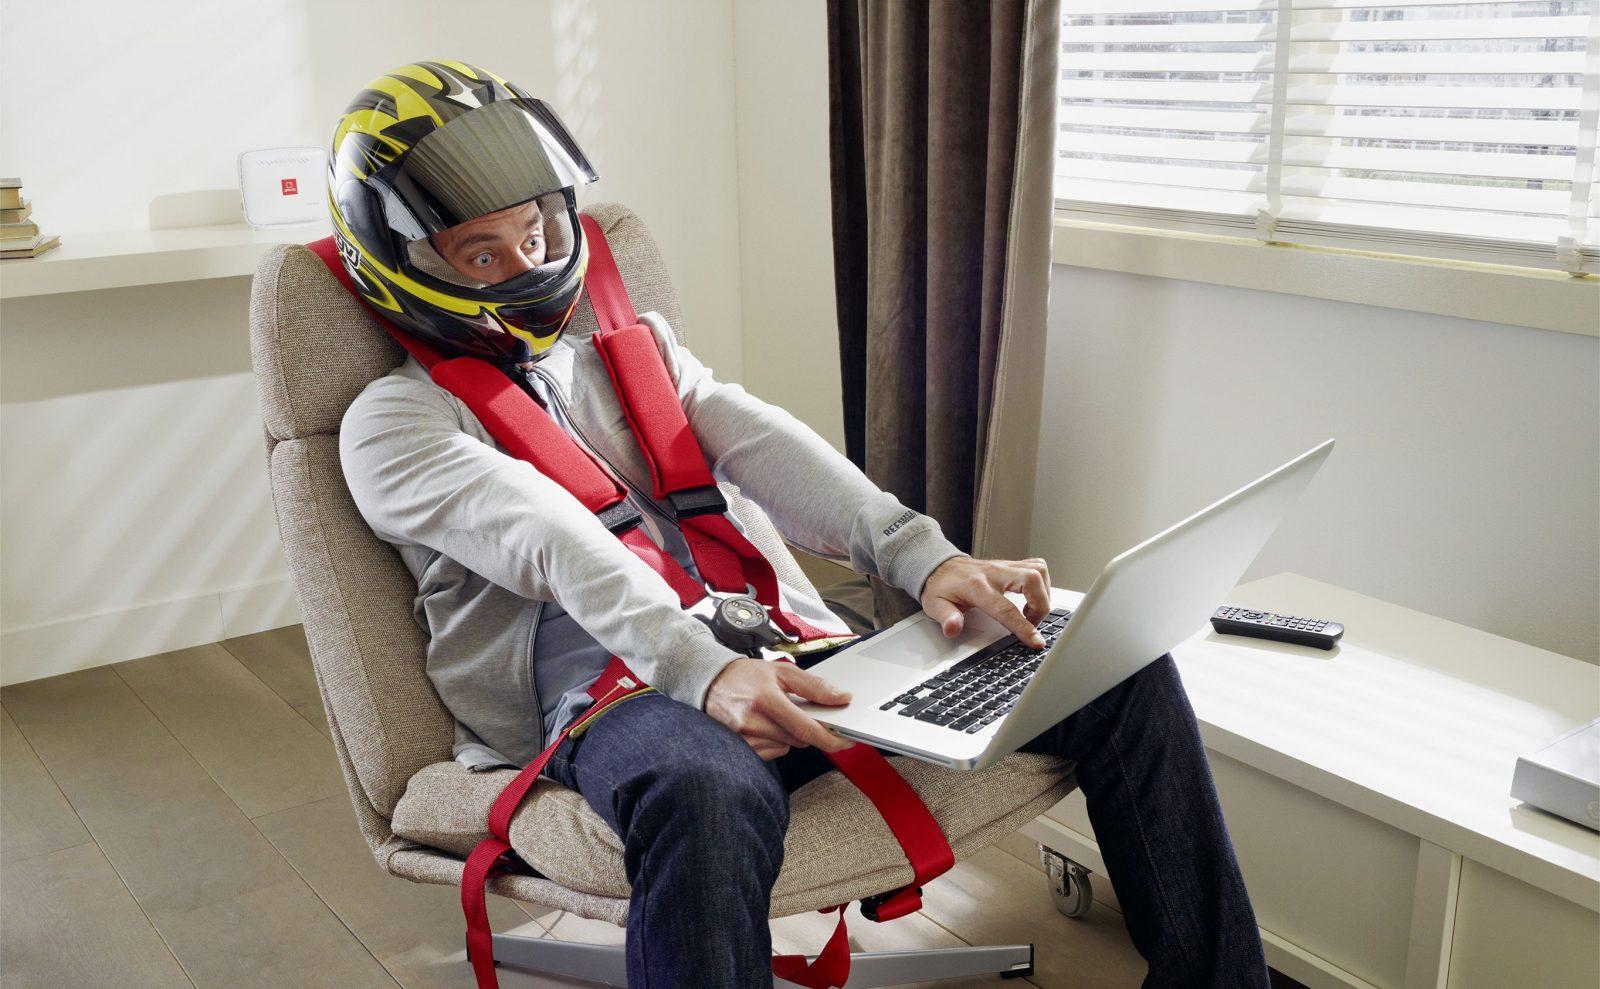 Мужчина в гоночной экипировки сидит в кресле с ноутбуком